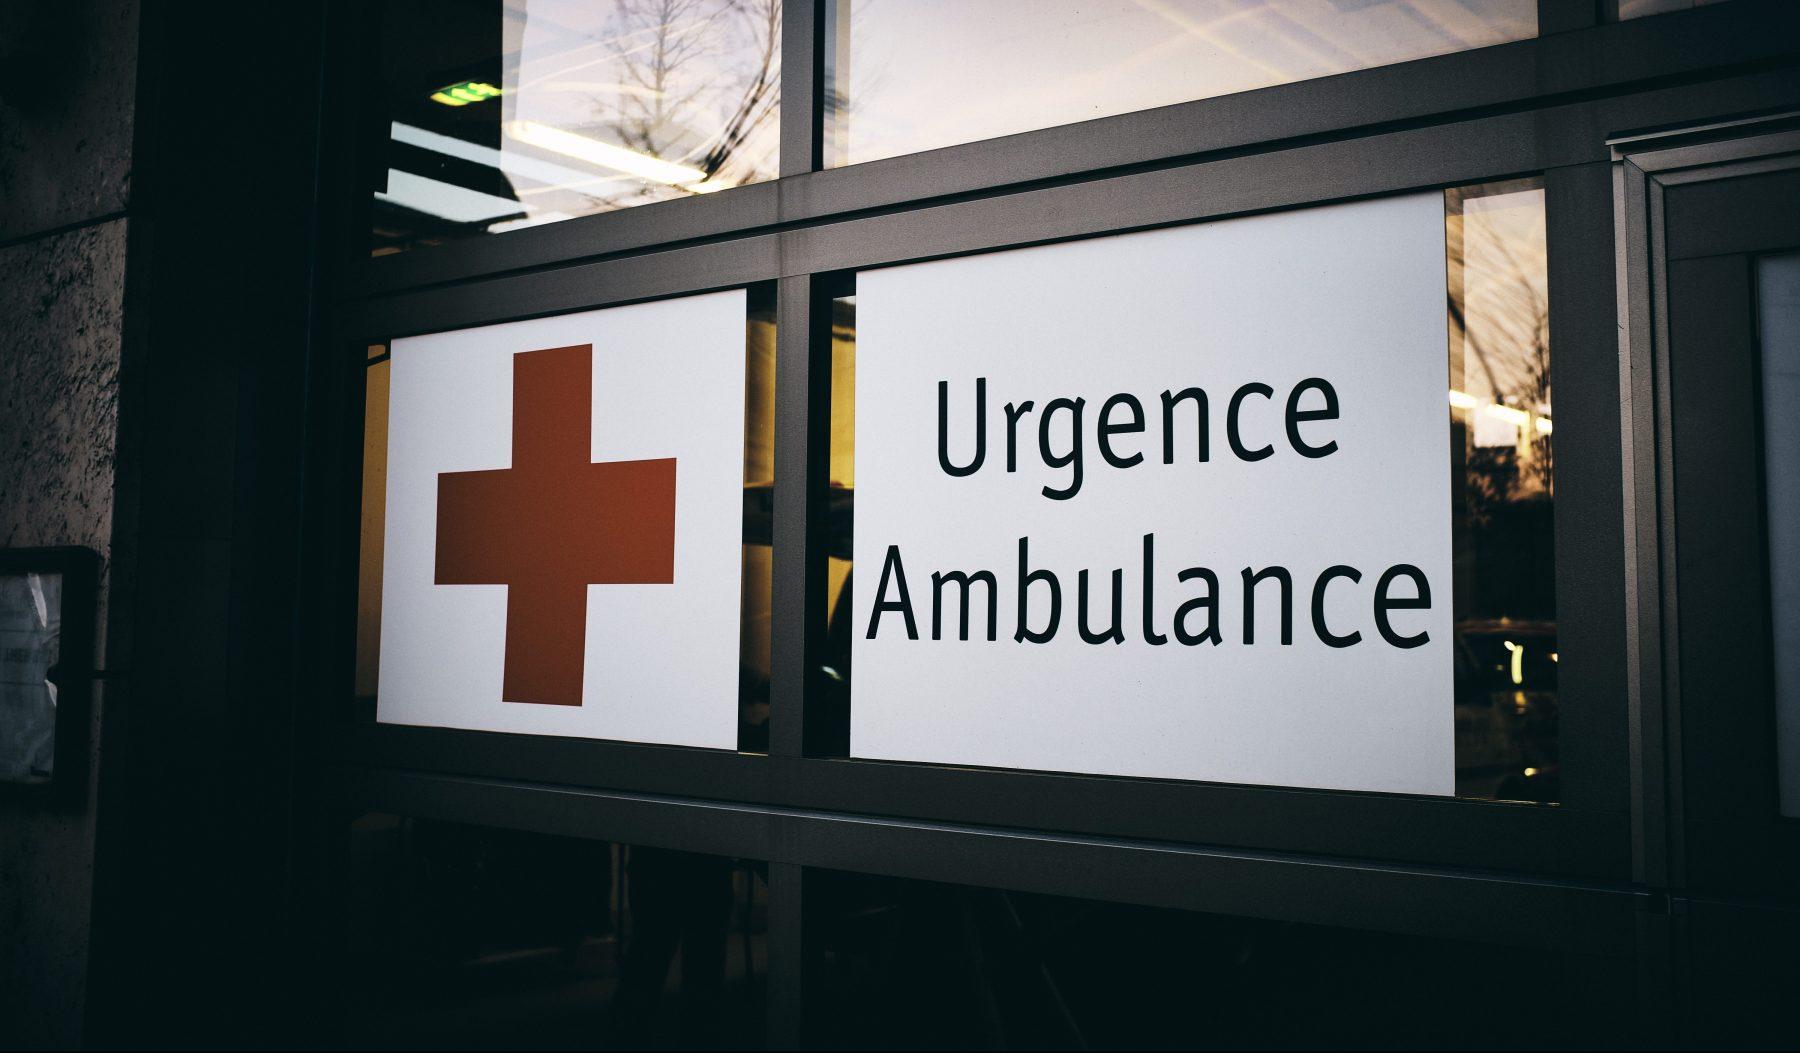 Luxemburgs Notärzte schlagen Alarm - Reporter.lu